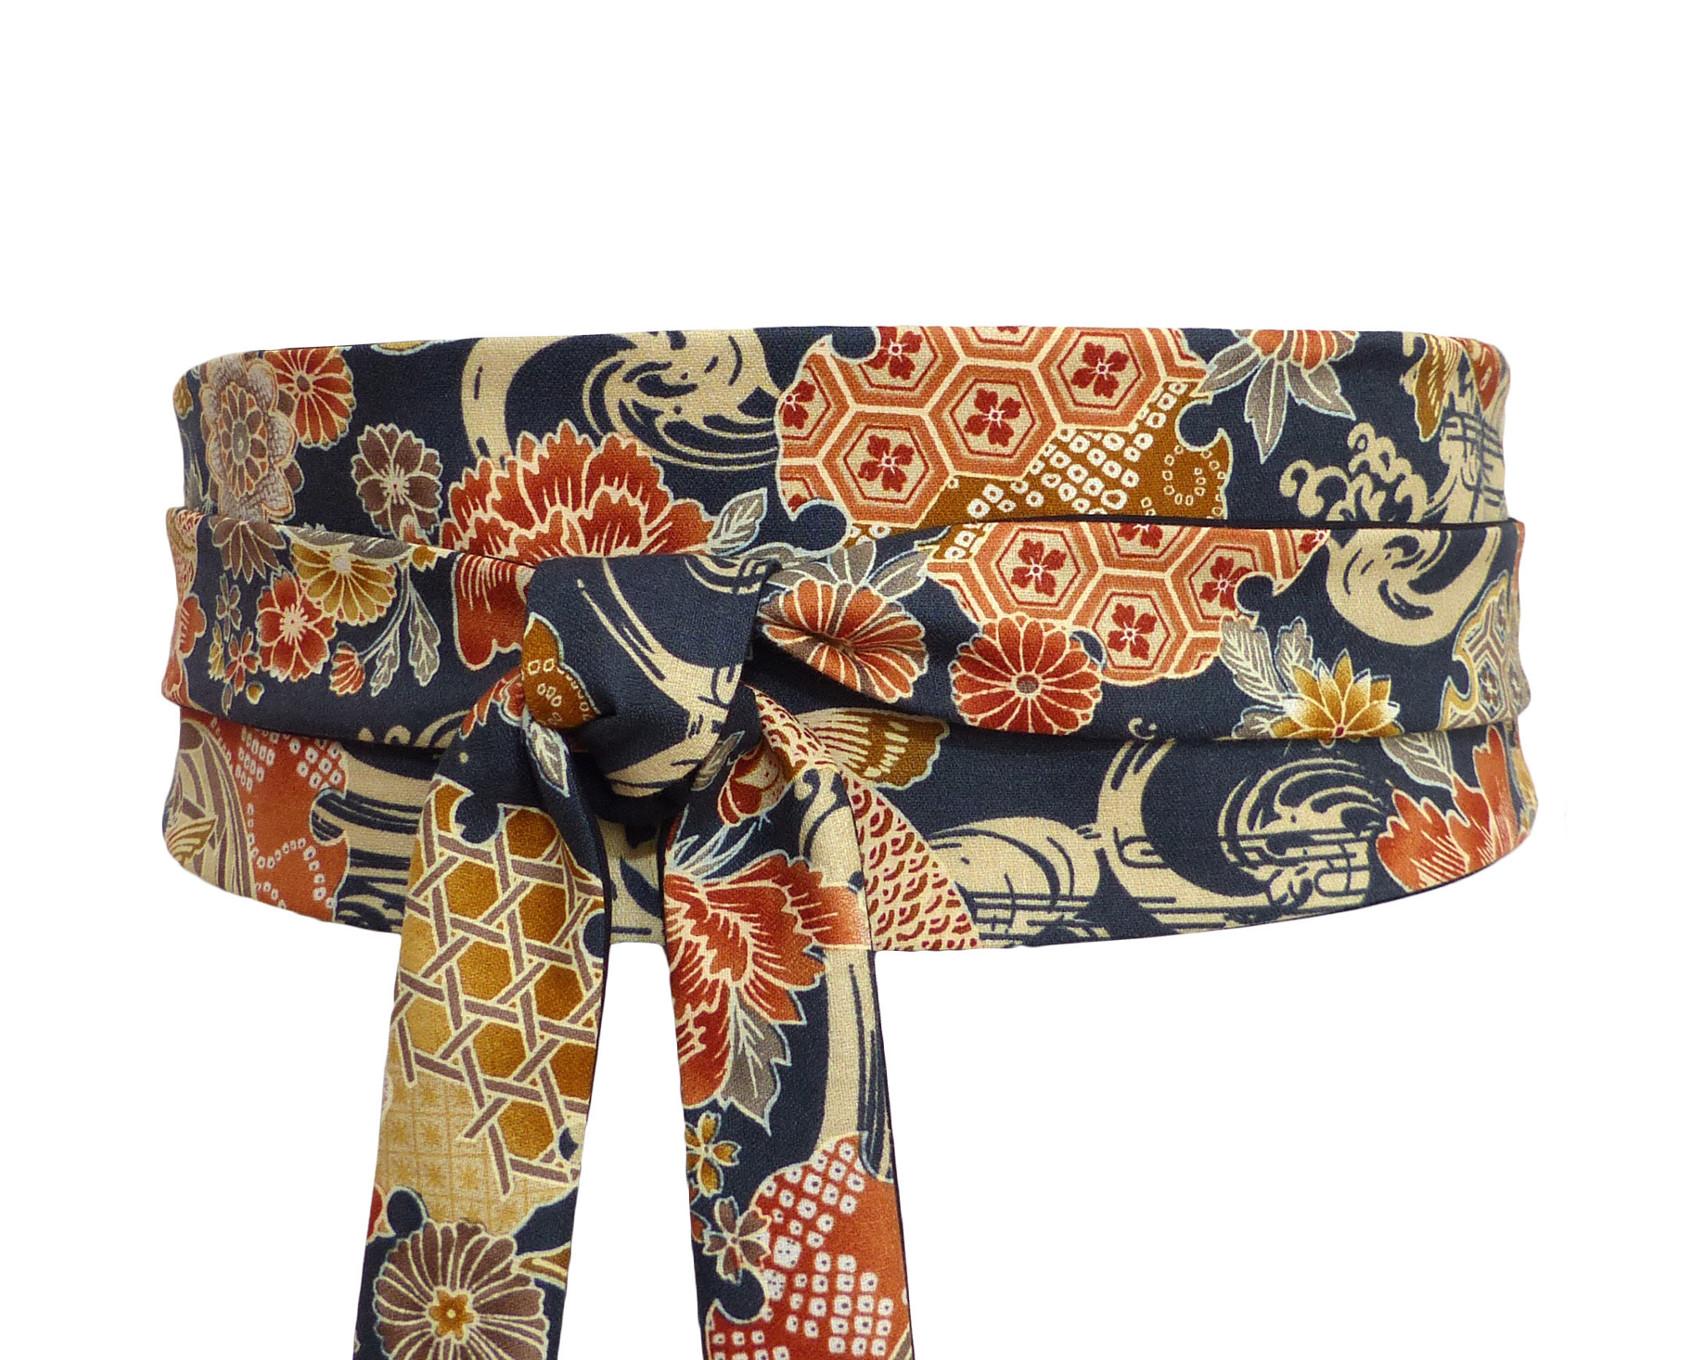 ceinture obi réversible en coton, uni anthracite et tissu japonais à motif  rouille, taupe a3d05cd2ddc